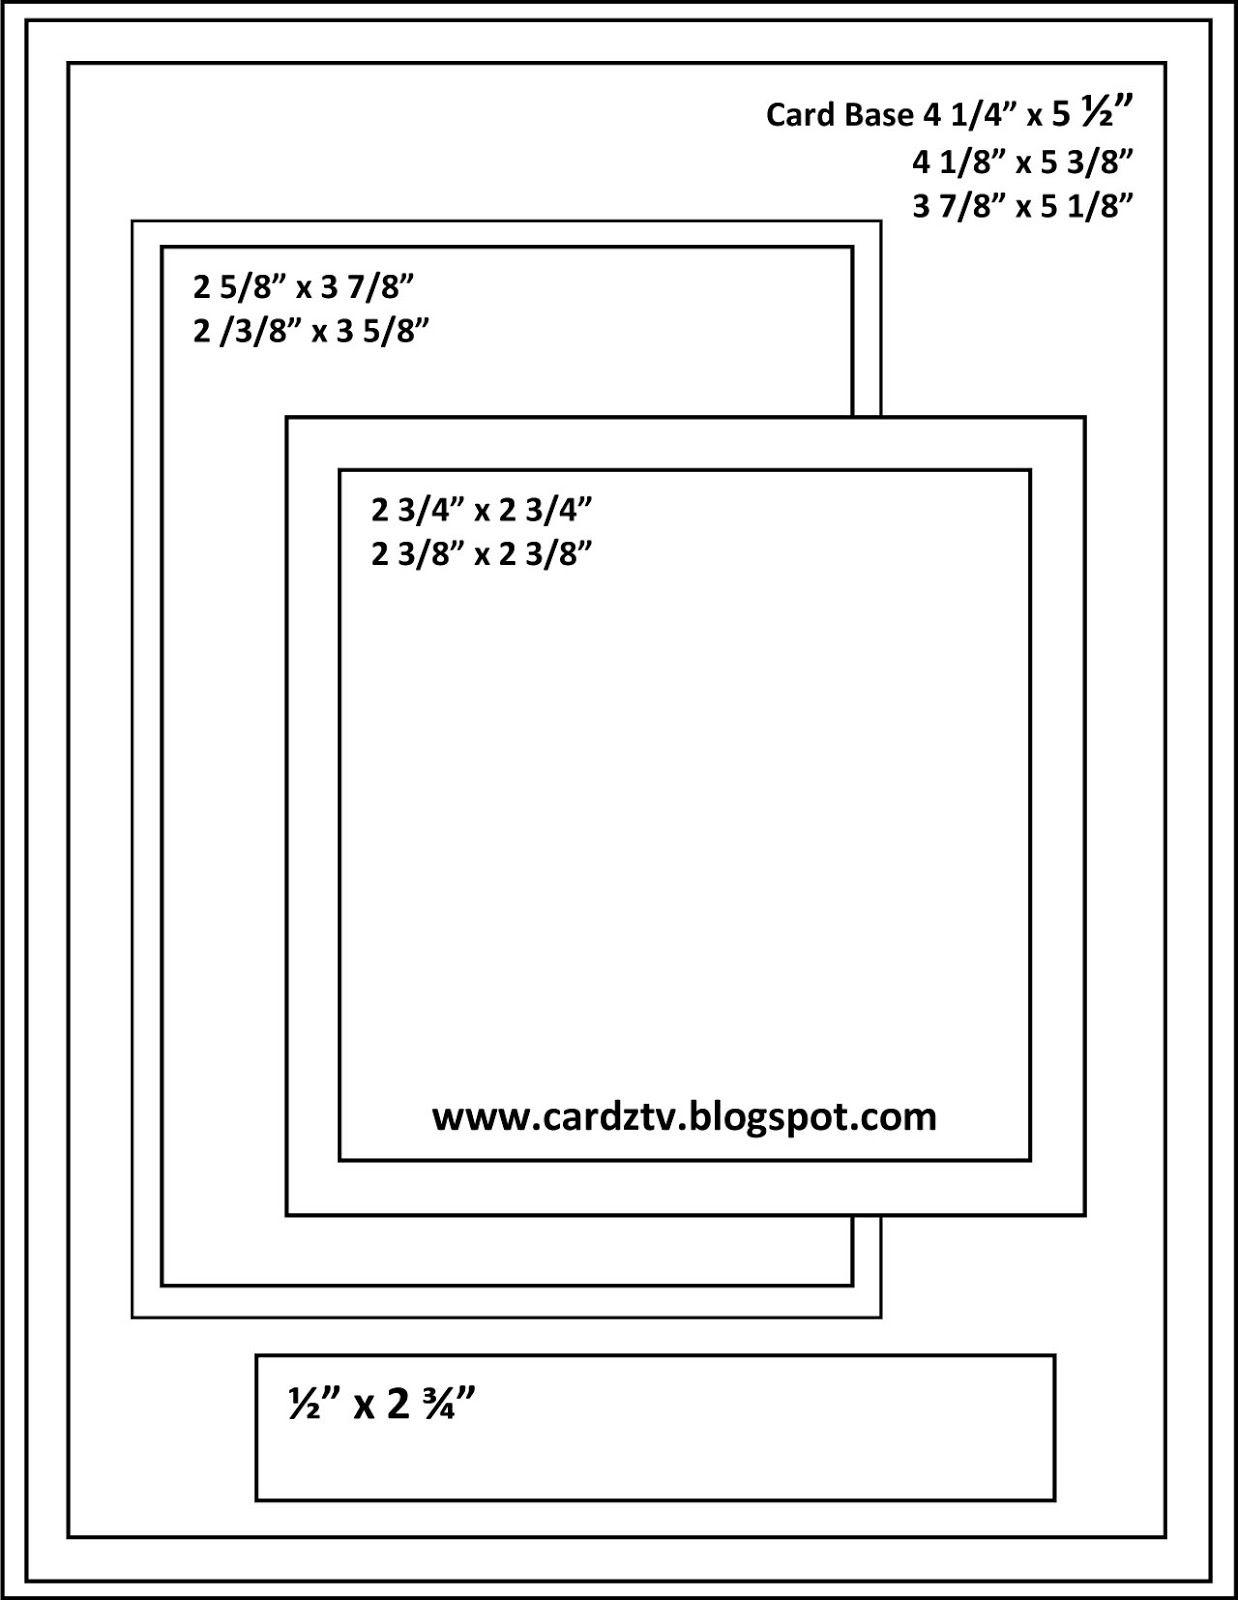 Pin de Kandis Becher en Cardz TV | Pinterest | Esquemas y Tarjetas